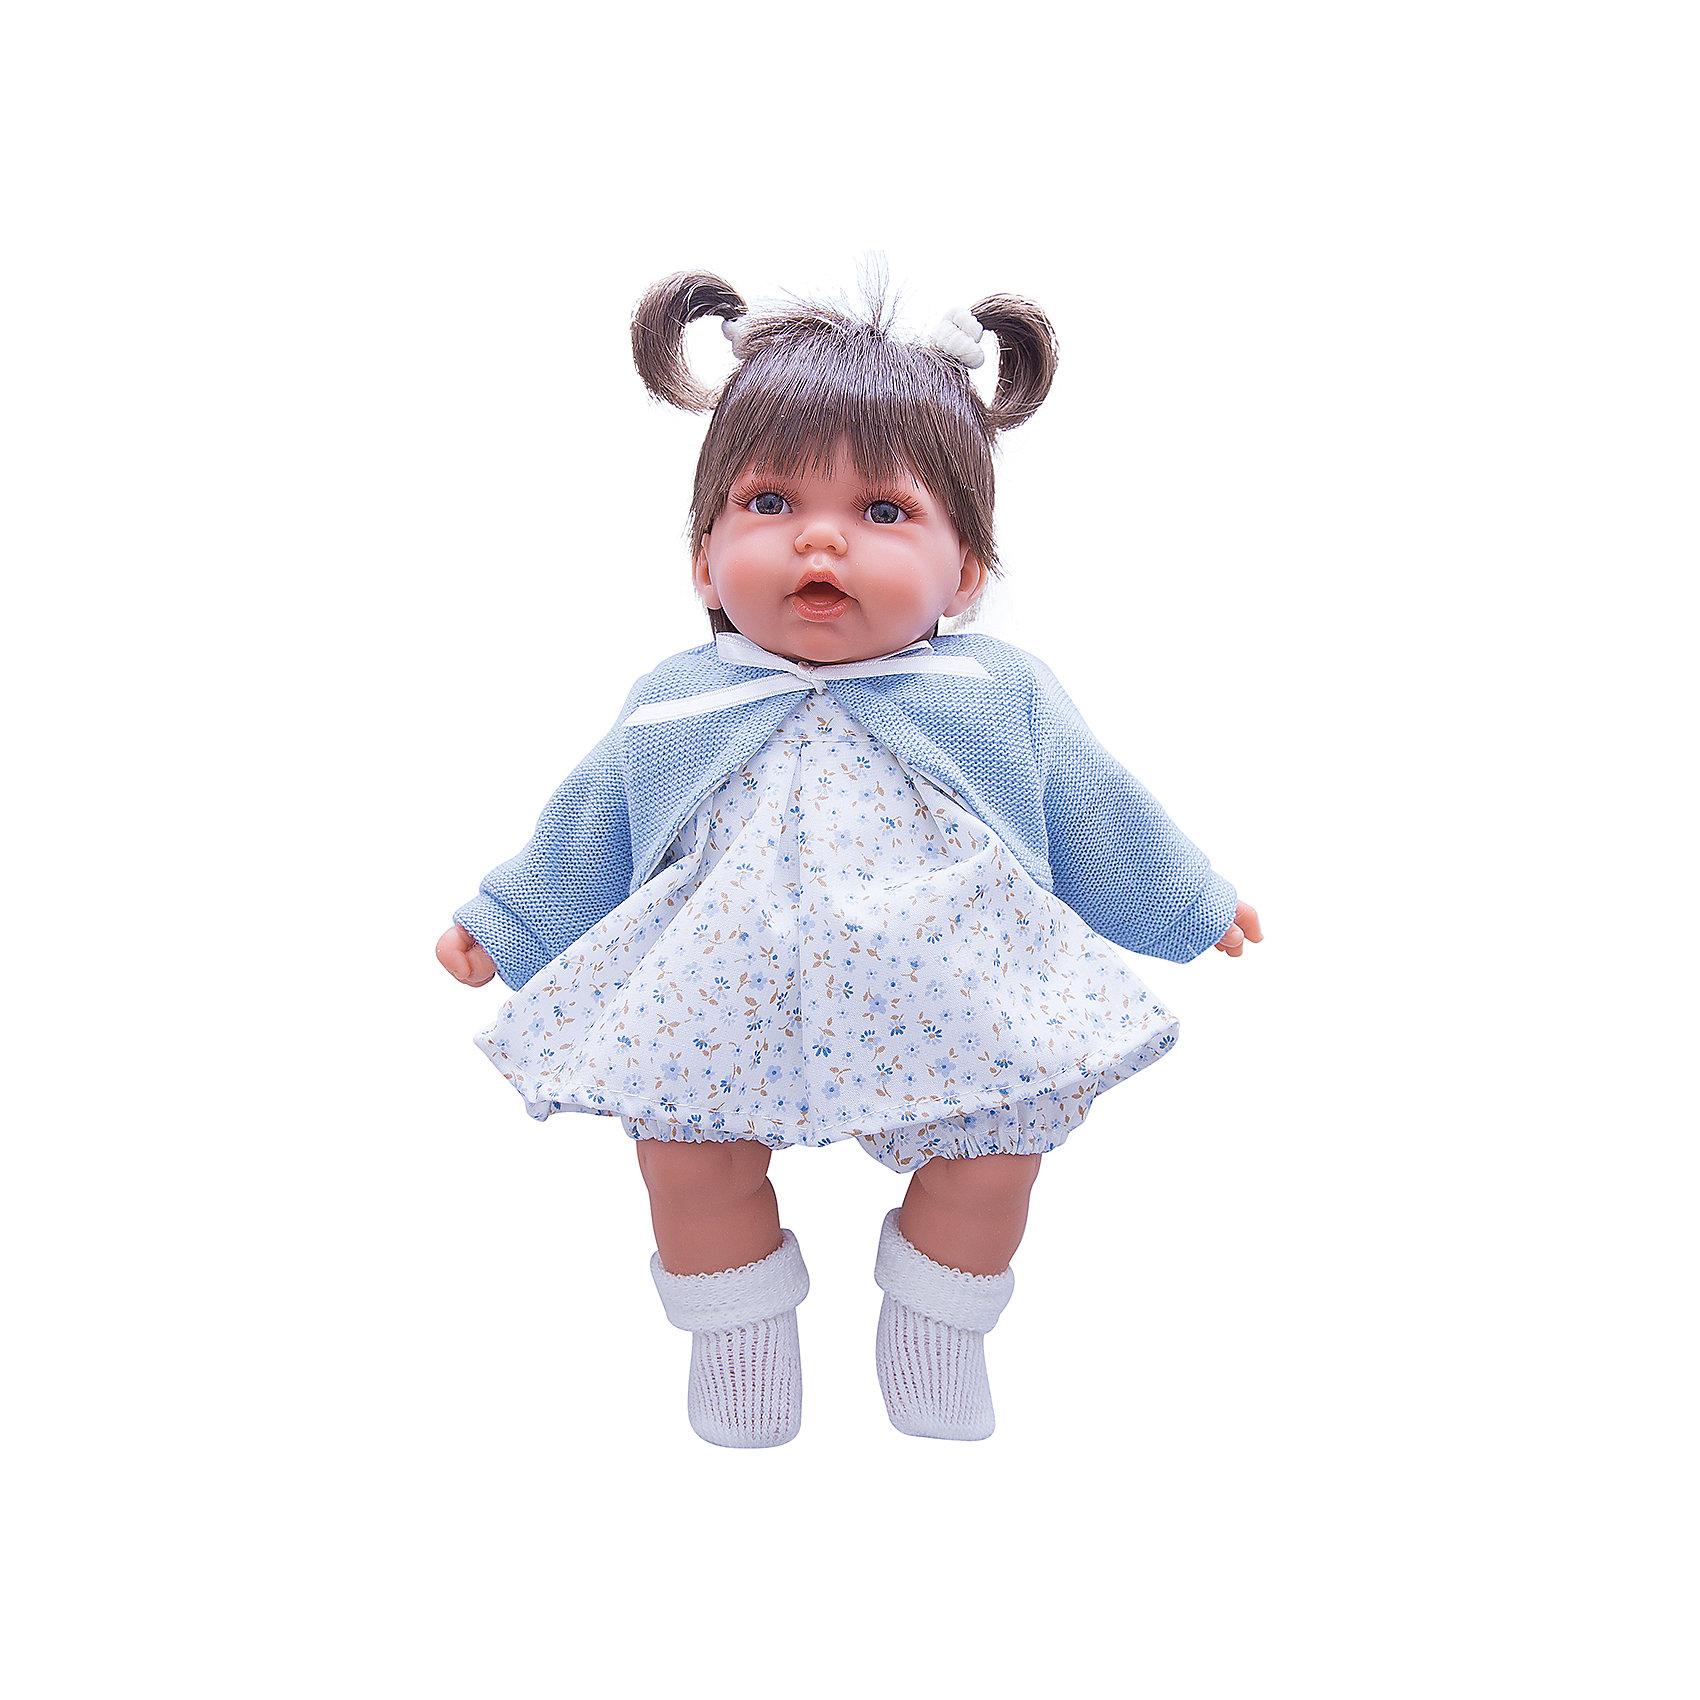 Кукла Элис в голубом, 27 см, Munecas Antonio JuanКлассические куклы<br>Кукла Элис в голубом, 27 см, Munecas Antonio Juan (Мунекас Антонио Хуан) - эта очаровательная малышка покорит и детей, и родителей.<br>Кукла Элис выглядит как настоящий ребенок, а ее трогательный внешний вид вызывает только самые положительные и добрые эмоции. Эта чудесная милая малышка станет любимицей Вашей девочки и будет воспитывать в ней доброту, внимание и заботу. Личико куклы сделано с детальными прорисовками. Пухлые щечки и губки, выразительные глаза придают игрушке реалистичный вид. Ротик у куклы приоткрыт. Малышка Элис одета светлое платье в мелкий рисунок, голубую кофточку и белые носочки. Волосы завязаны в два хвостика. При нажатии на животик куклы, она весело смеется, а так же может позвать маму и папу. Тельце у куклы мягко-набивное, голова, ручки и ножки сделаны из высококачественного винила. Ручки и ножки подвижны. Кукла изготовлена из высококачественных и экологически чистых материалов, поэтому безопасна для детей любого возраста, соответствует всем нормам и требованиям к качеству детских товаров. Образы малышей Мунекас разработаны известными европейскими дизайнерами. Они натуралистичны, анатомически точны.<br><br>Дополнительная информация:<br><br>- Интерактивные функции куклы: нажмите на животик 1 раз кукла засмеется, 2ой раз - кукла скажет мама, 3ий раз - скажет папа<br>- Глаза куклы не закрываются<br>- Высоты куклы: 27 см.<br>- Работает от 3-х батареек LR44 (таблетки) (батарейки входят в комплект)<br>- Материал: винил, текстиль<br><br>Куклу Элис в голубом, 27 см, Munecas Antonio Juan (Мунекас Антонио Хуан) можно купить в нашем интернет-магазине.<br><br>Ширина мм: 315<br>Глубина мм: 180<br>Высота мм: 145<br>Вес г: 650<br>Возраст от месяцев: 36<br>Возраст до месяцев: 84<br>Пол: Женский<br>Возраст: Детский<br>SKU: 4201310